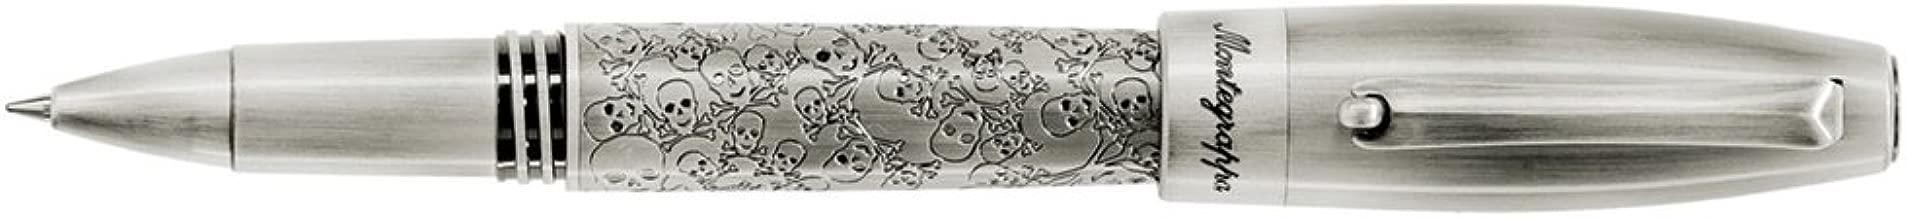 montegrappa skull pen